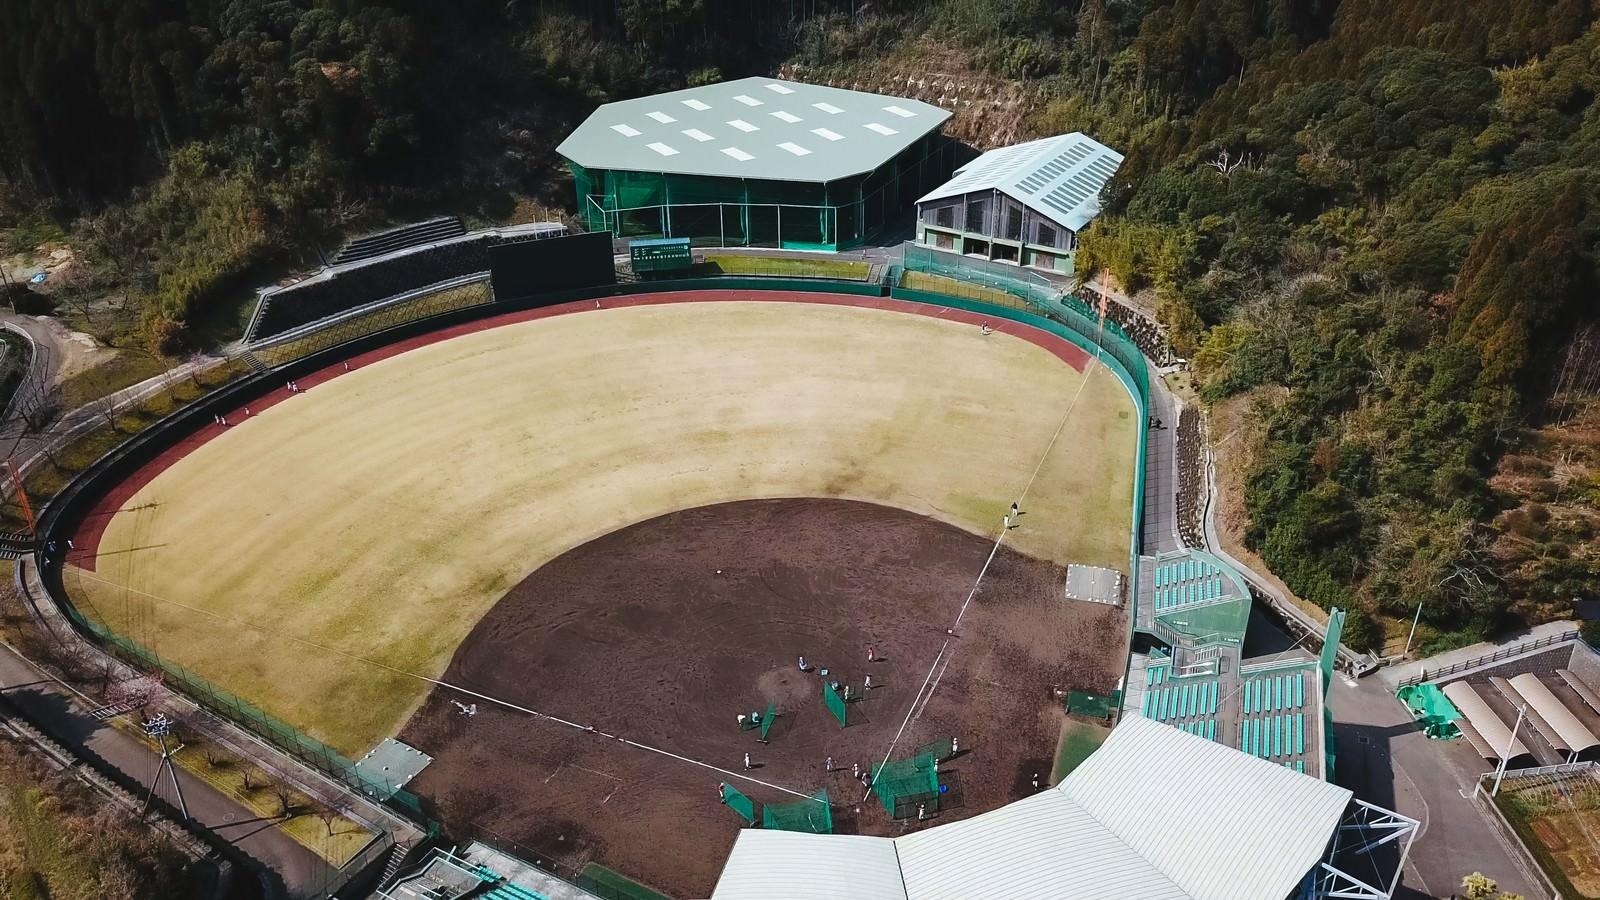 「投球練習場と室内練習場をのぞむ天福球場 | 写真の無料素材・フリー素材 - ぱくたそ」の写真